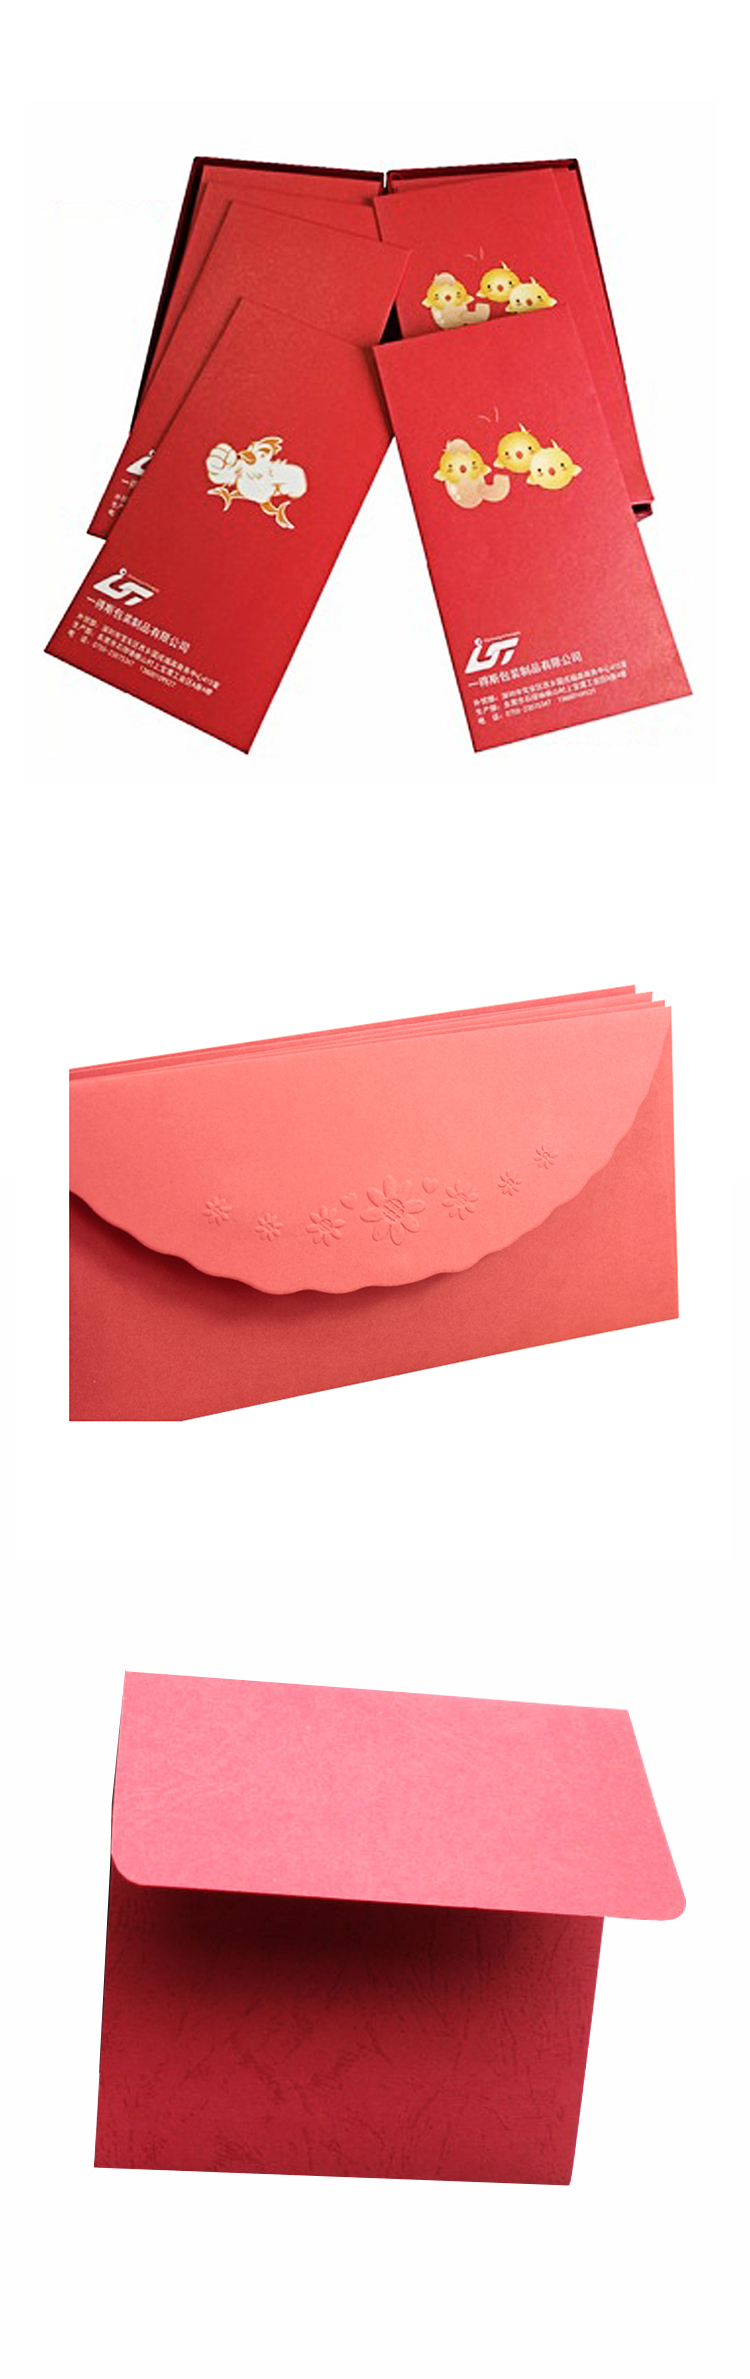 paper envelope packaging